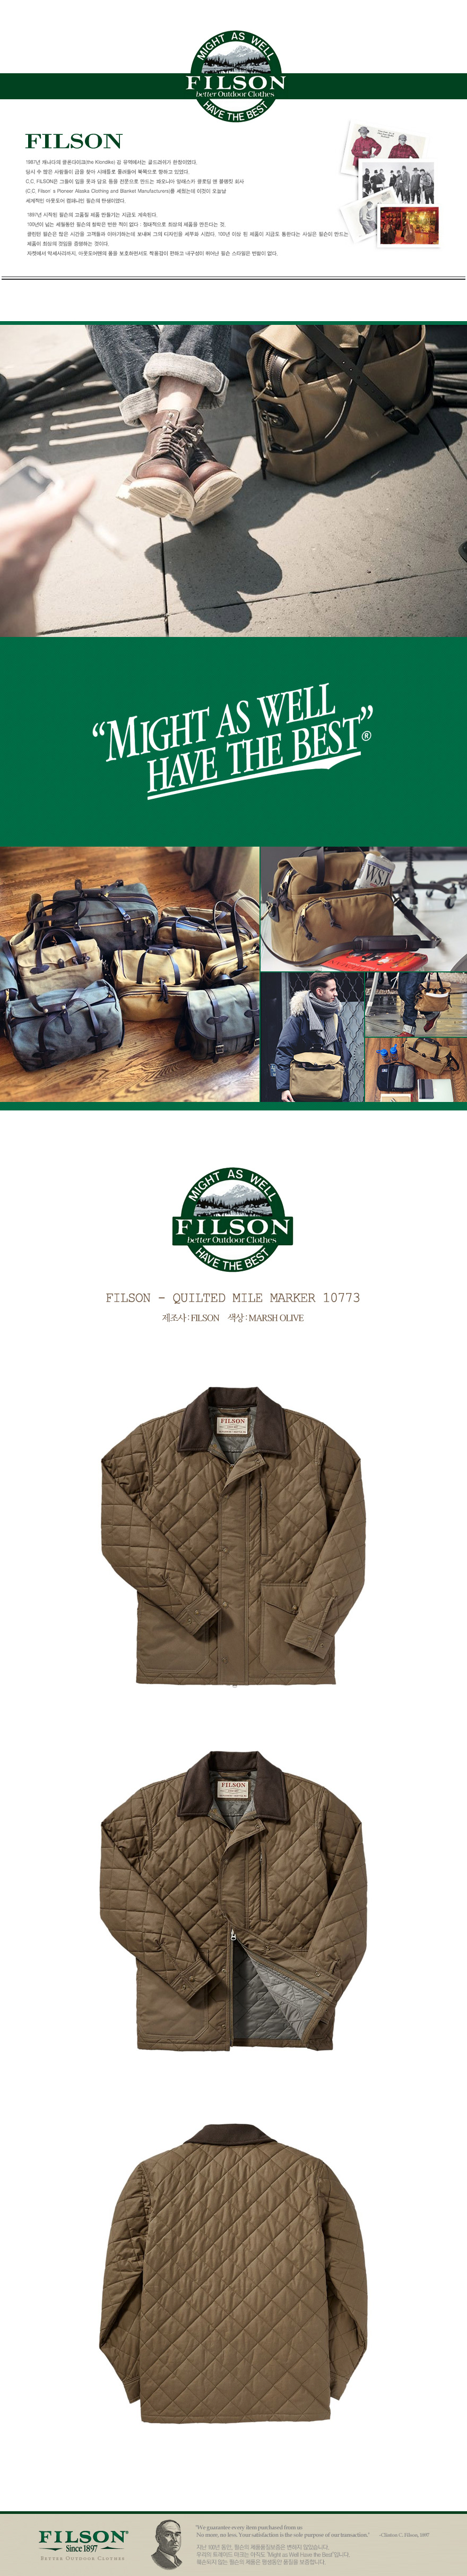 [필슨]FILSON - Quilted Mile Marker 10773 (Marsh Olive) 정품 퀄팅자켓